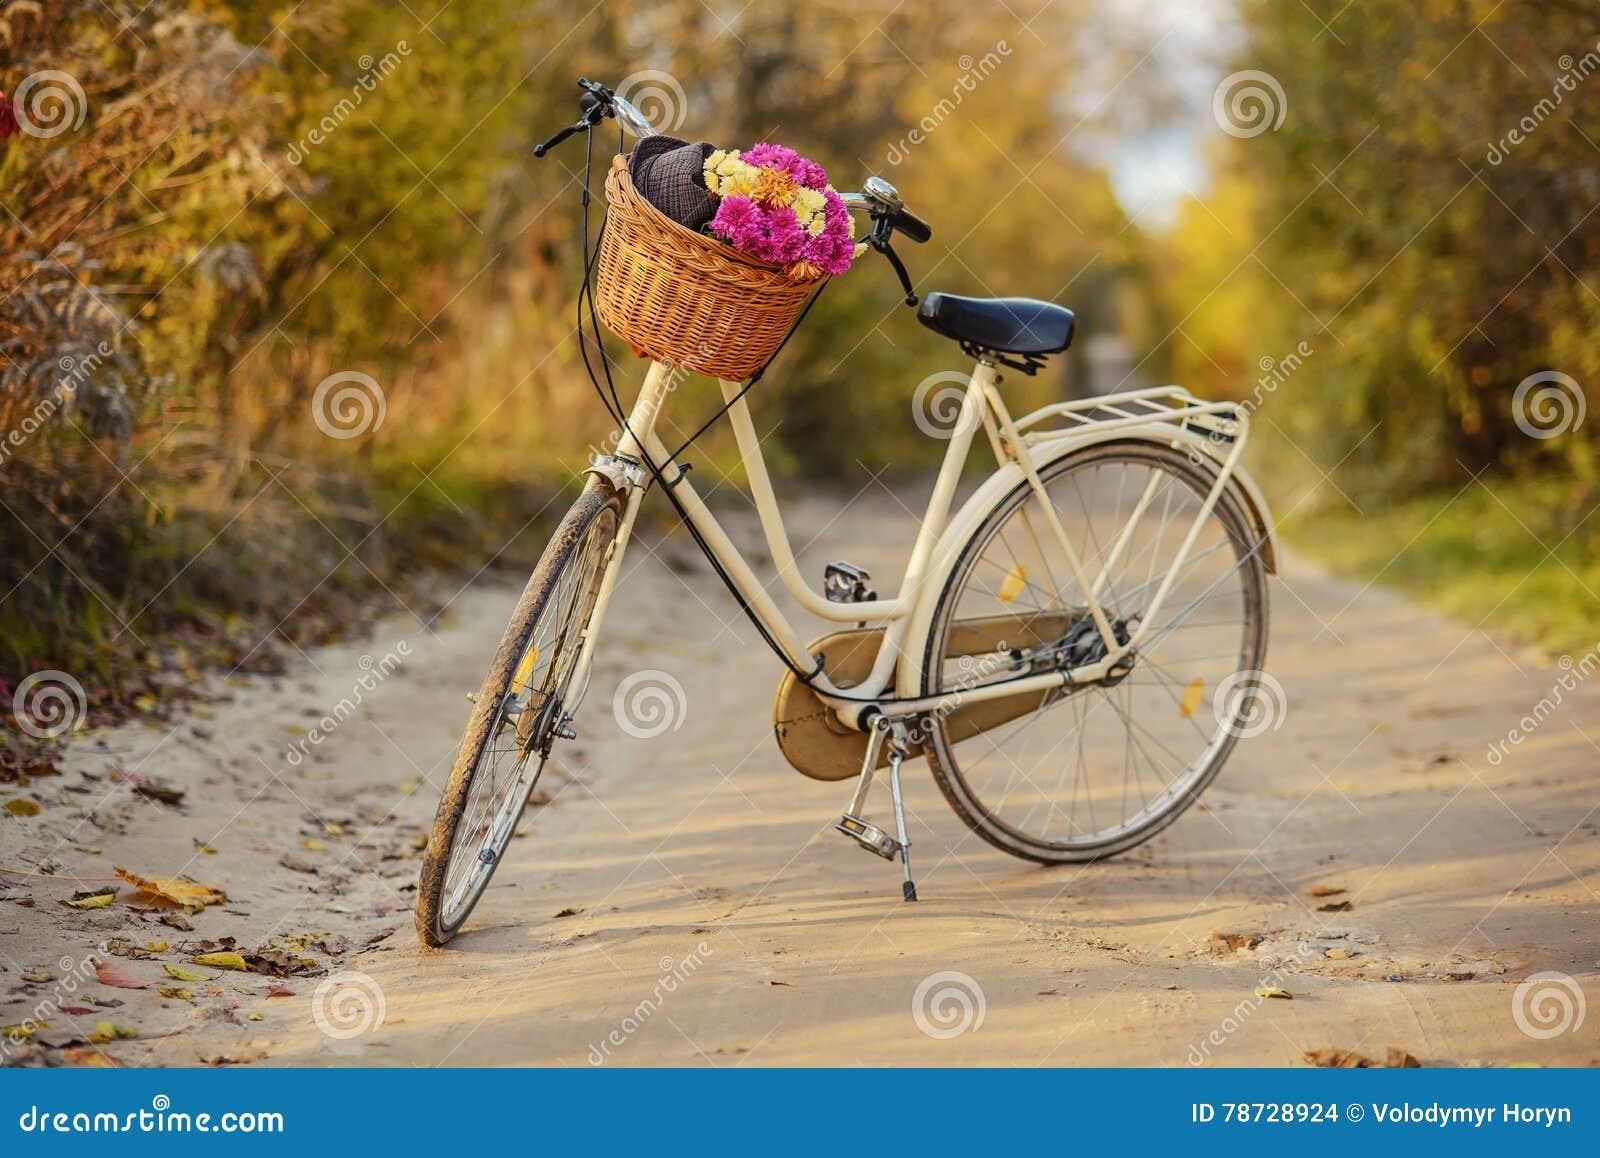 Damcykel med en bukett av blommor